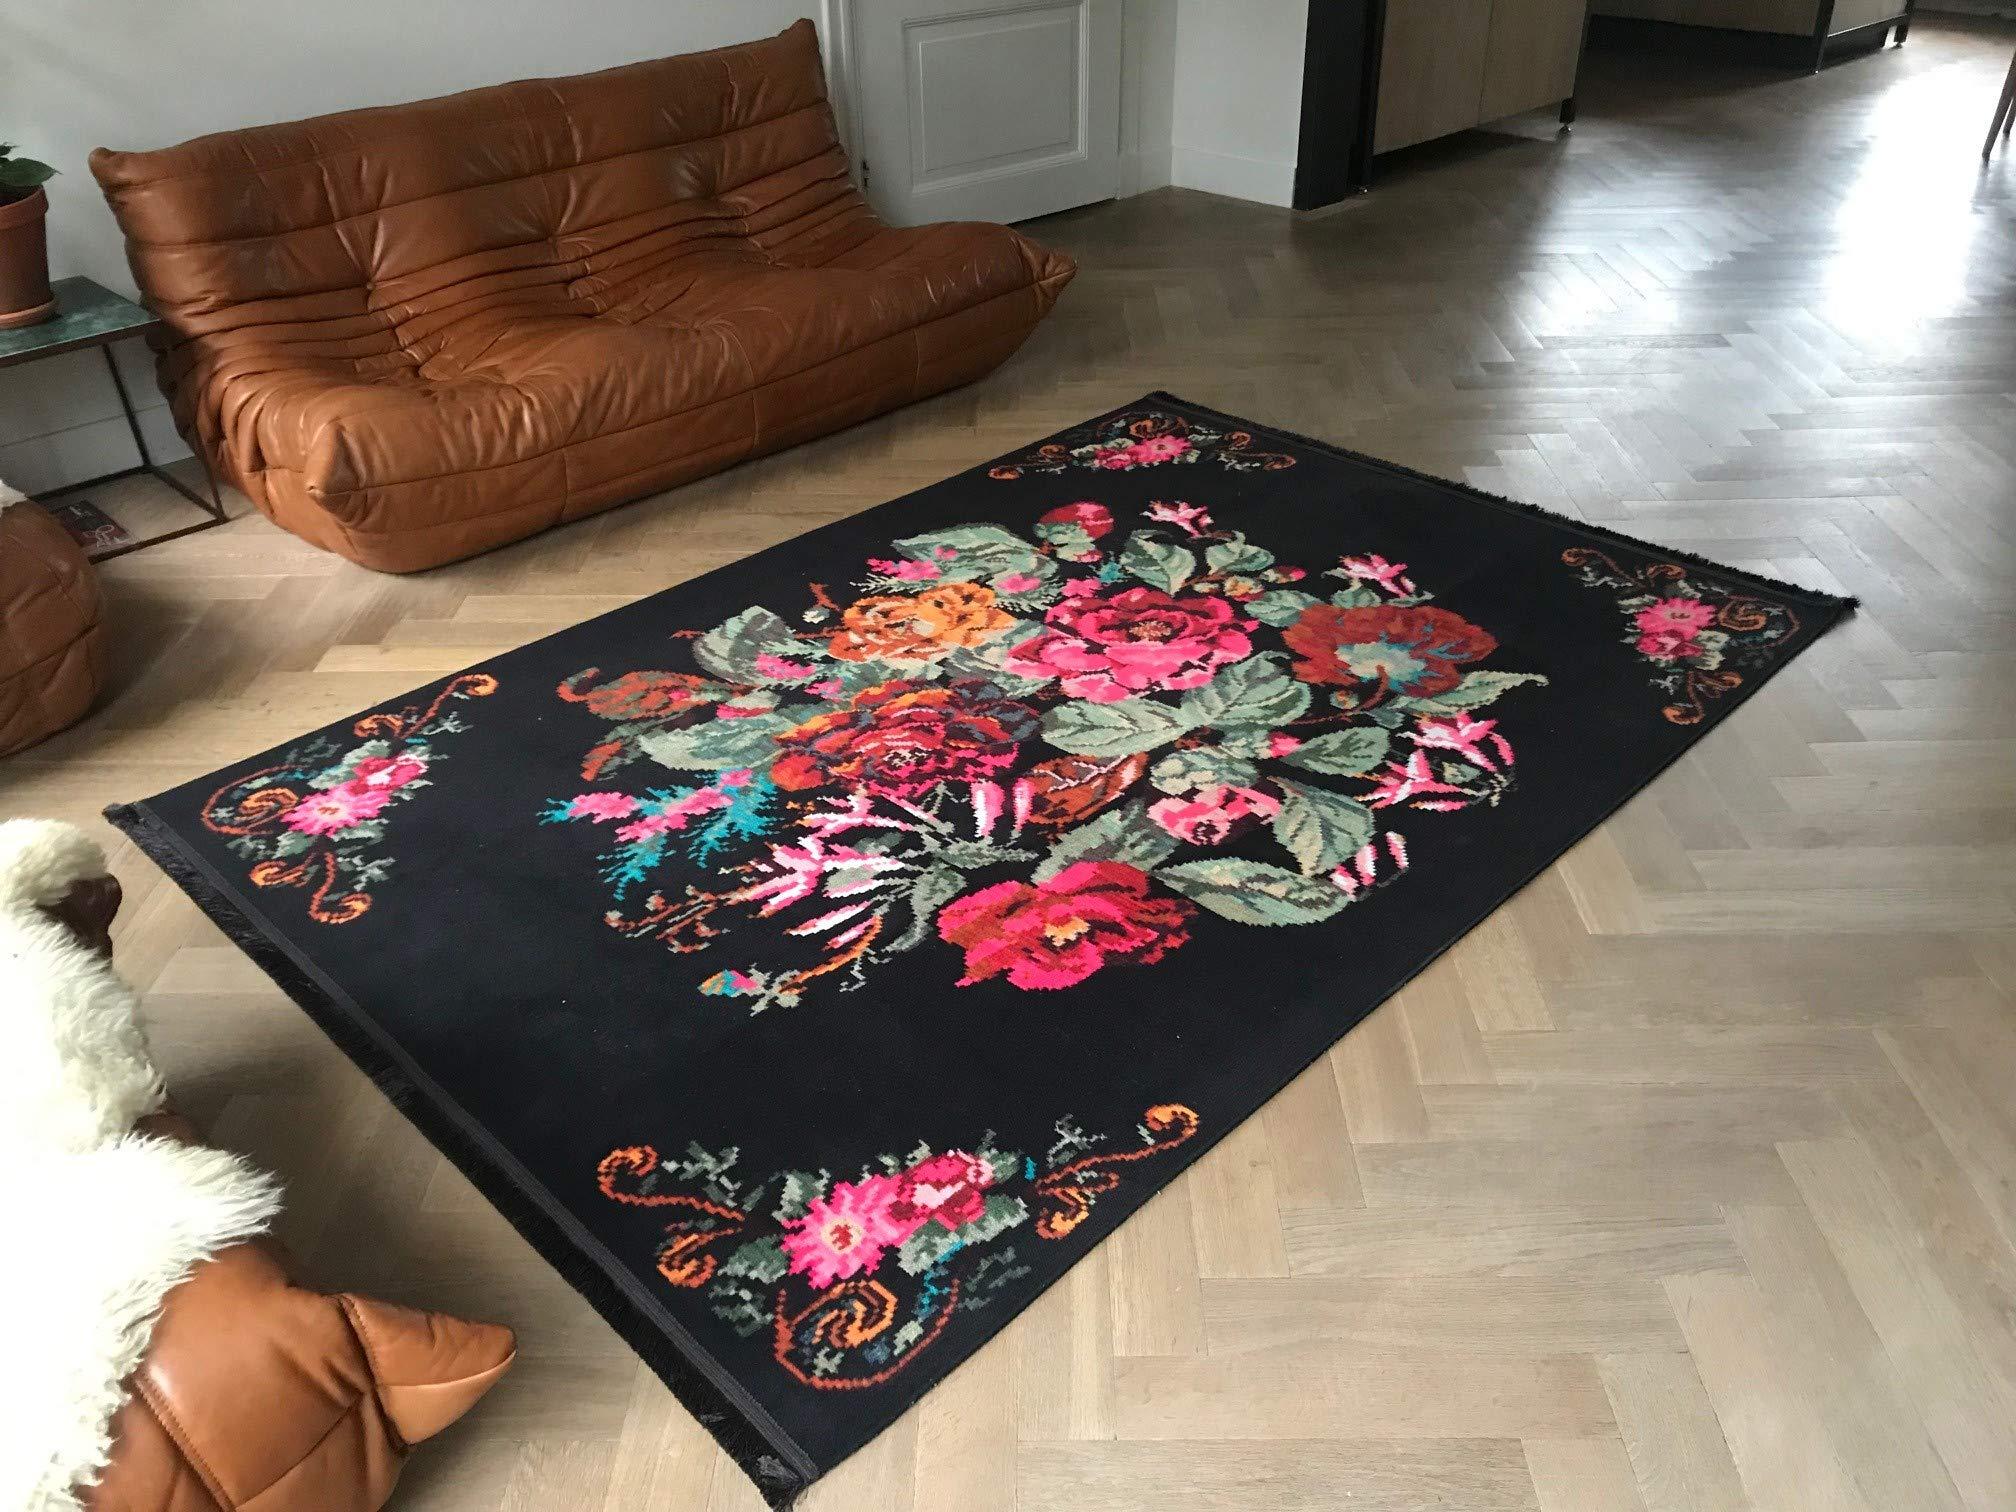 Nueva Alfombra de Estilo Shabby Chic para salón, Dormitorio, jardín de Infancia, Rosa kelim, 120 x 180 cm: Amazon.es: Hogar